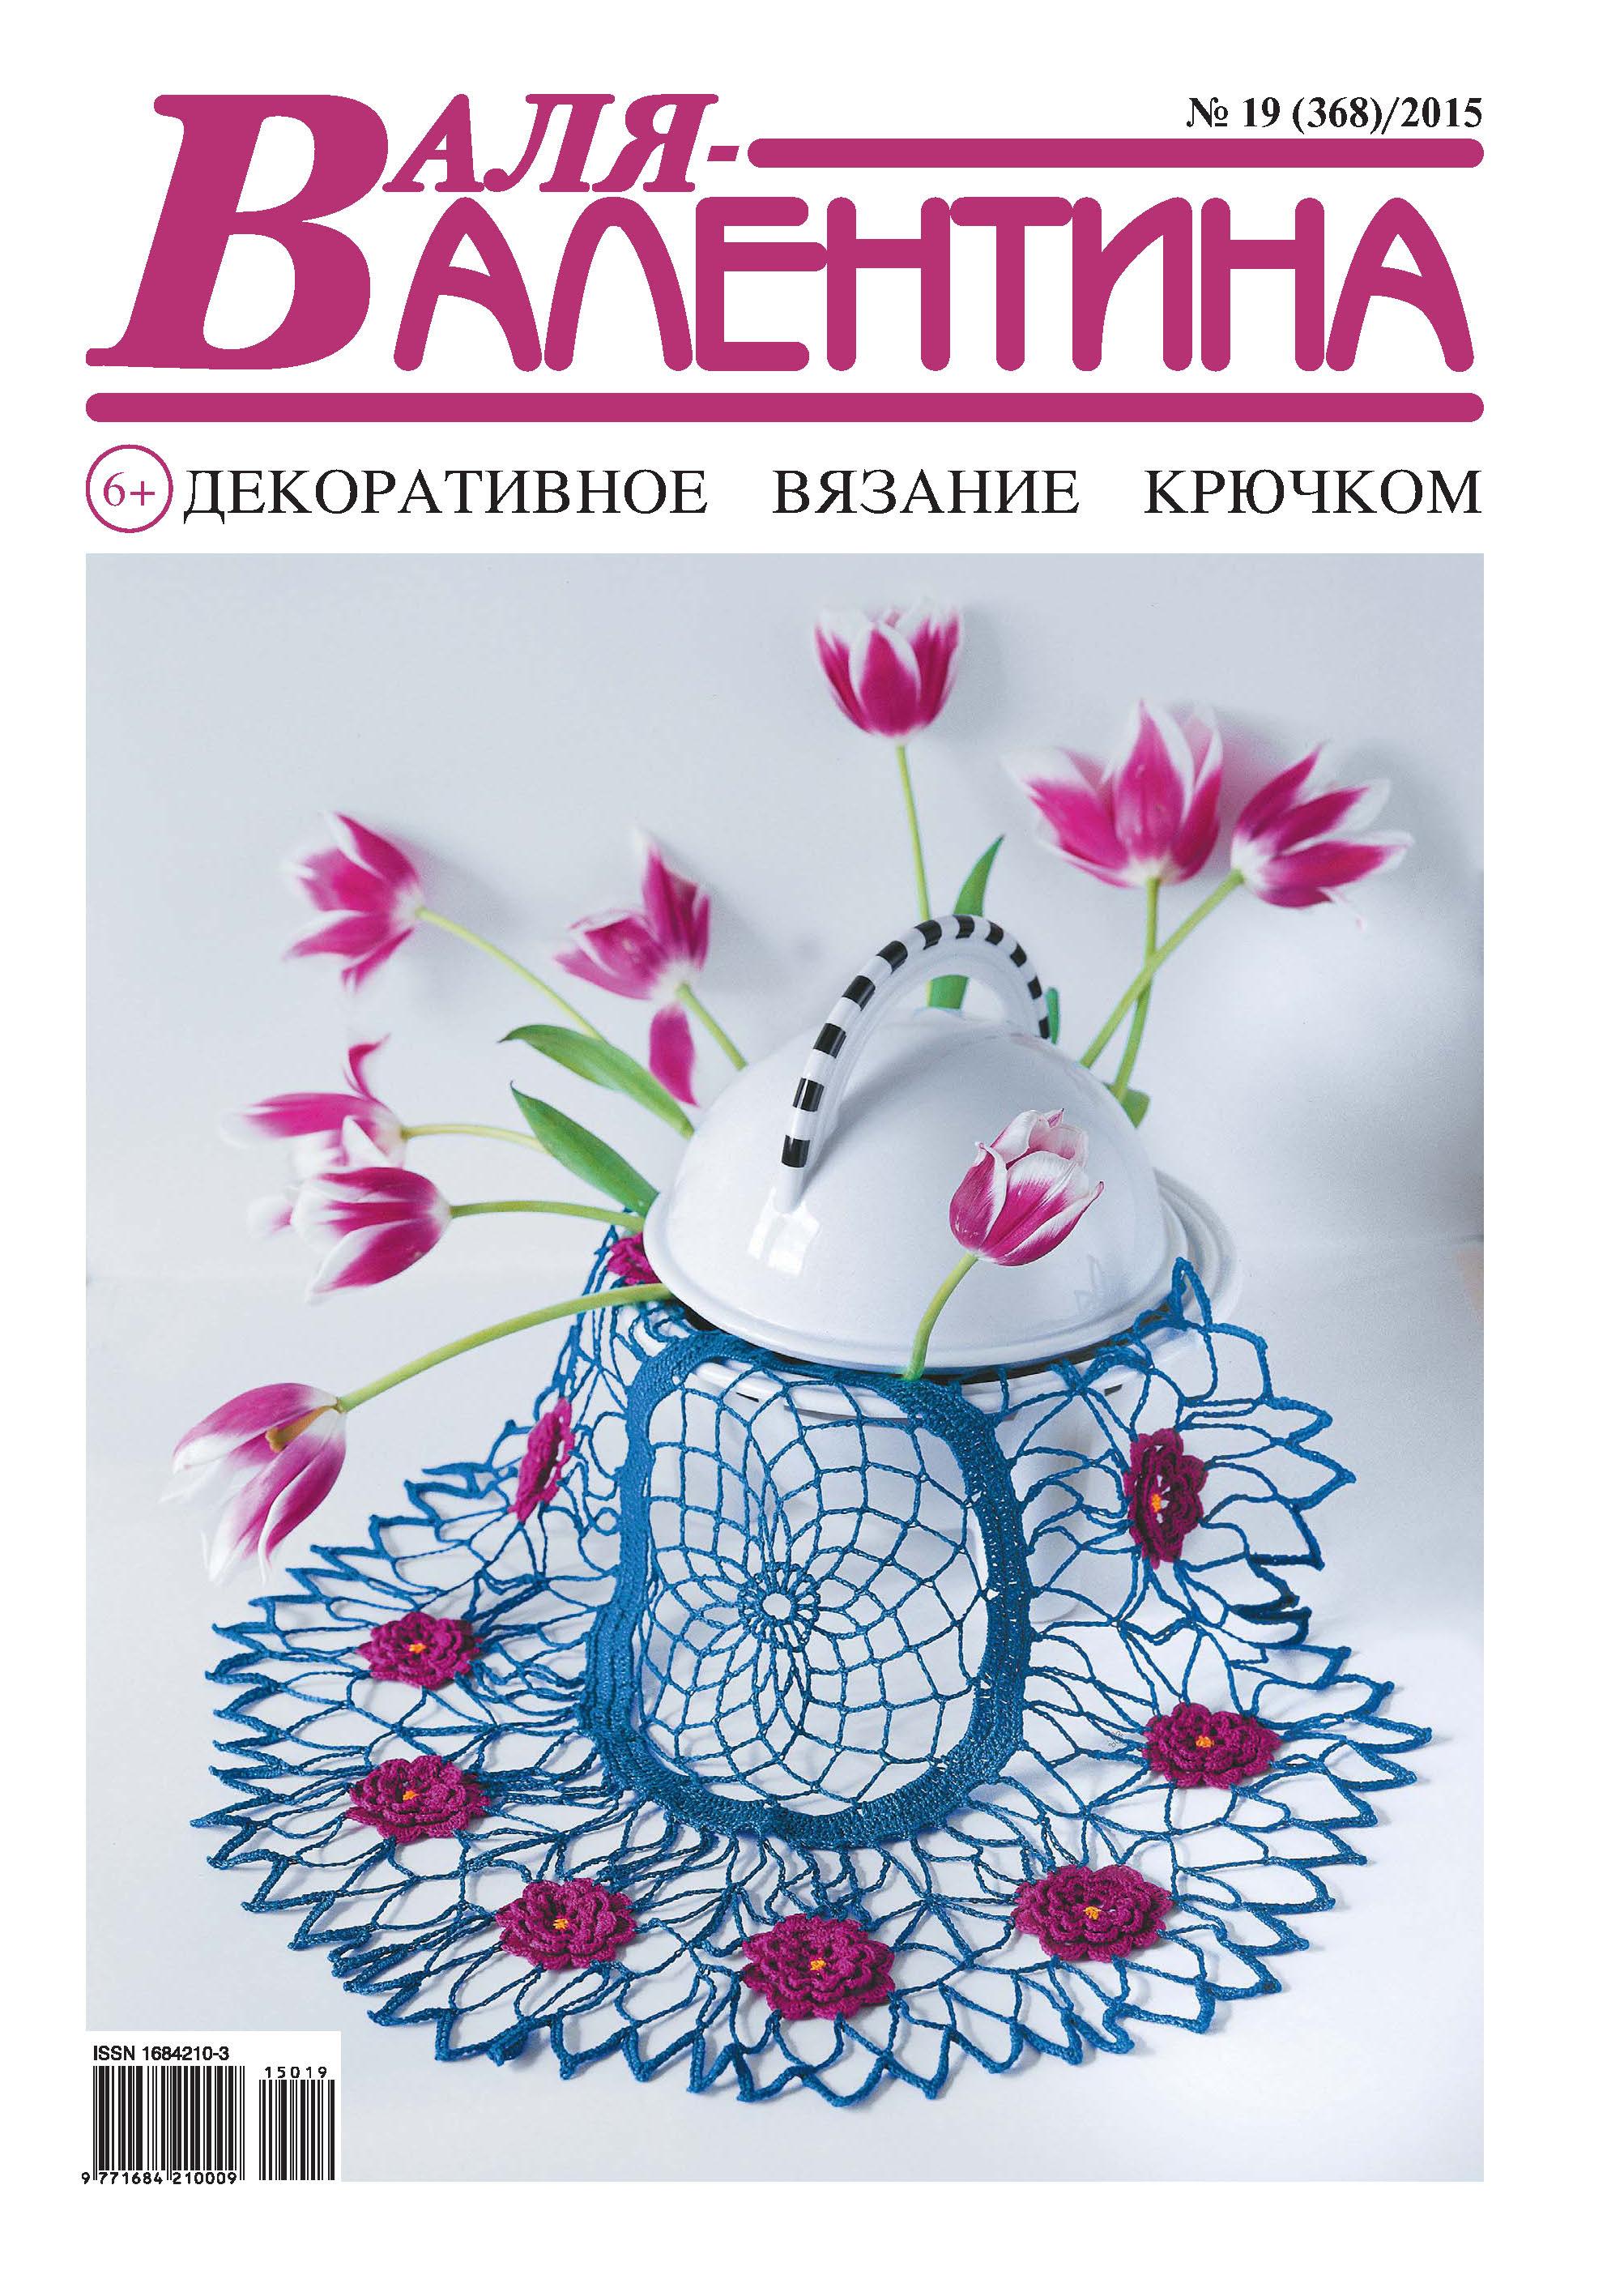 Валя-Валентина. Декоративное вязание крючком. №19/2015_Отсутствует